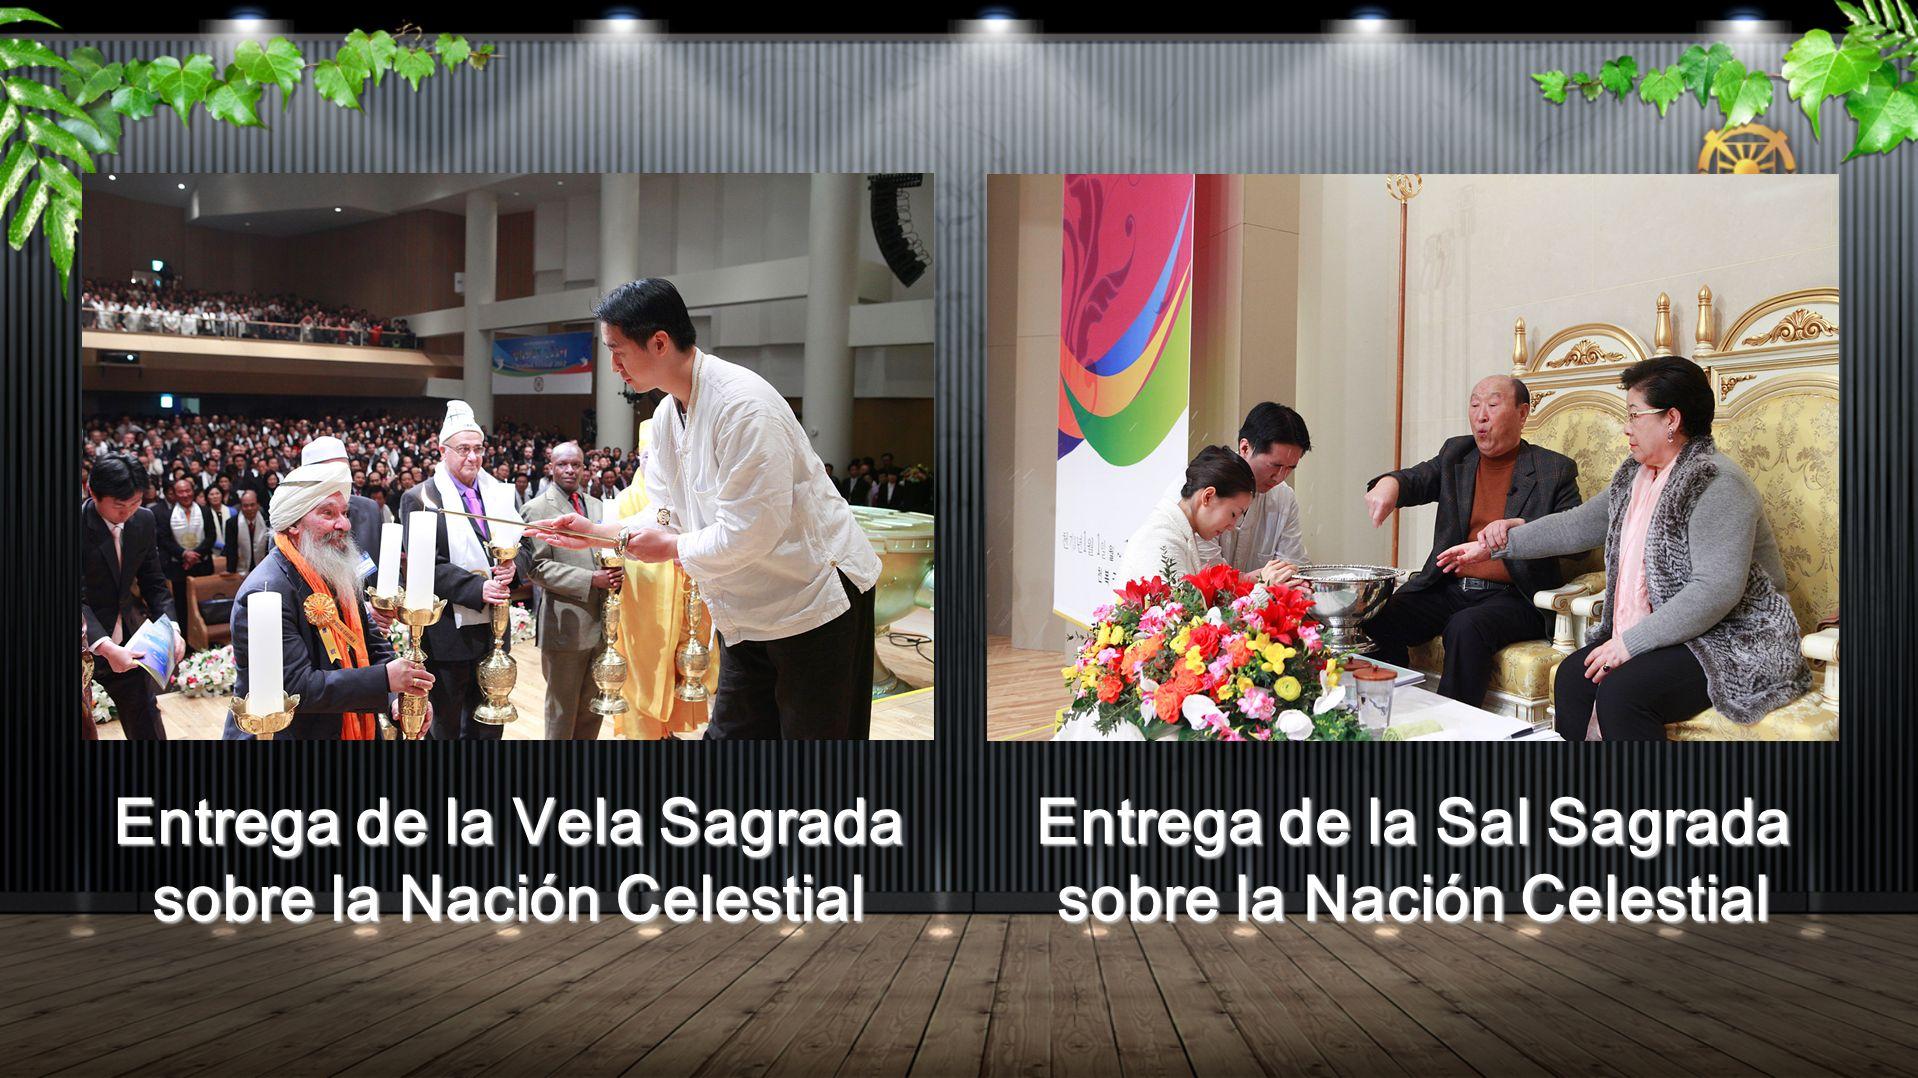 Entrega de la Vela Sagrada sobre la Nación Celestial Entrega de la Sal Sagrada sobre la Nación Celestial